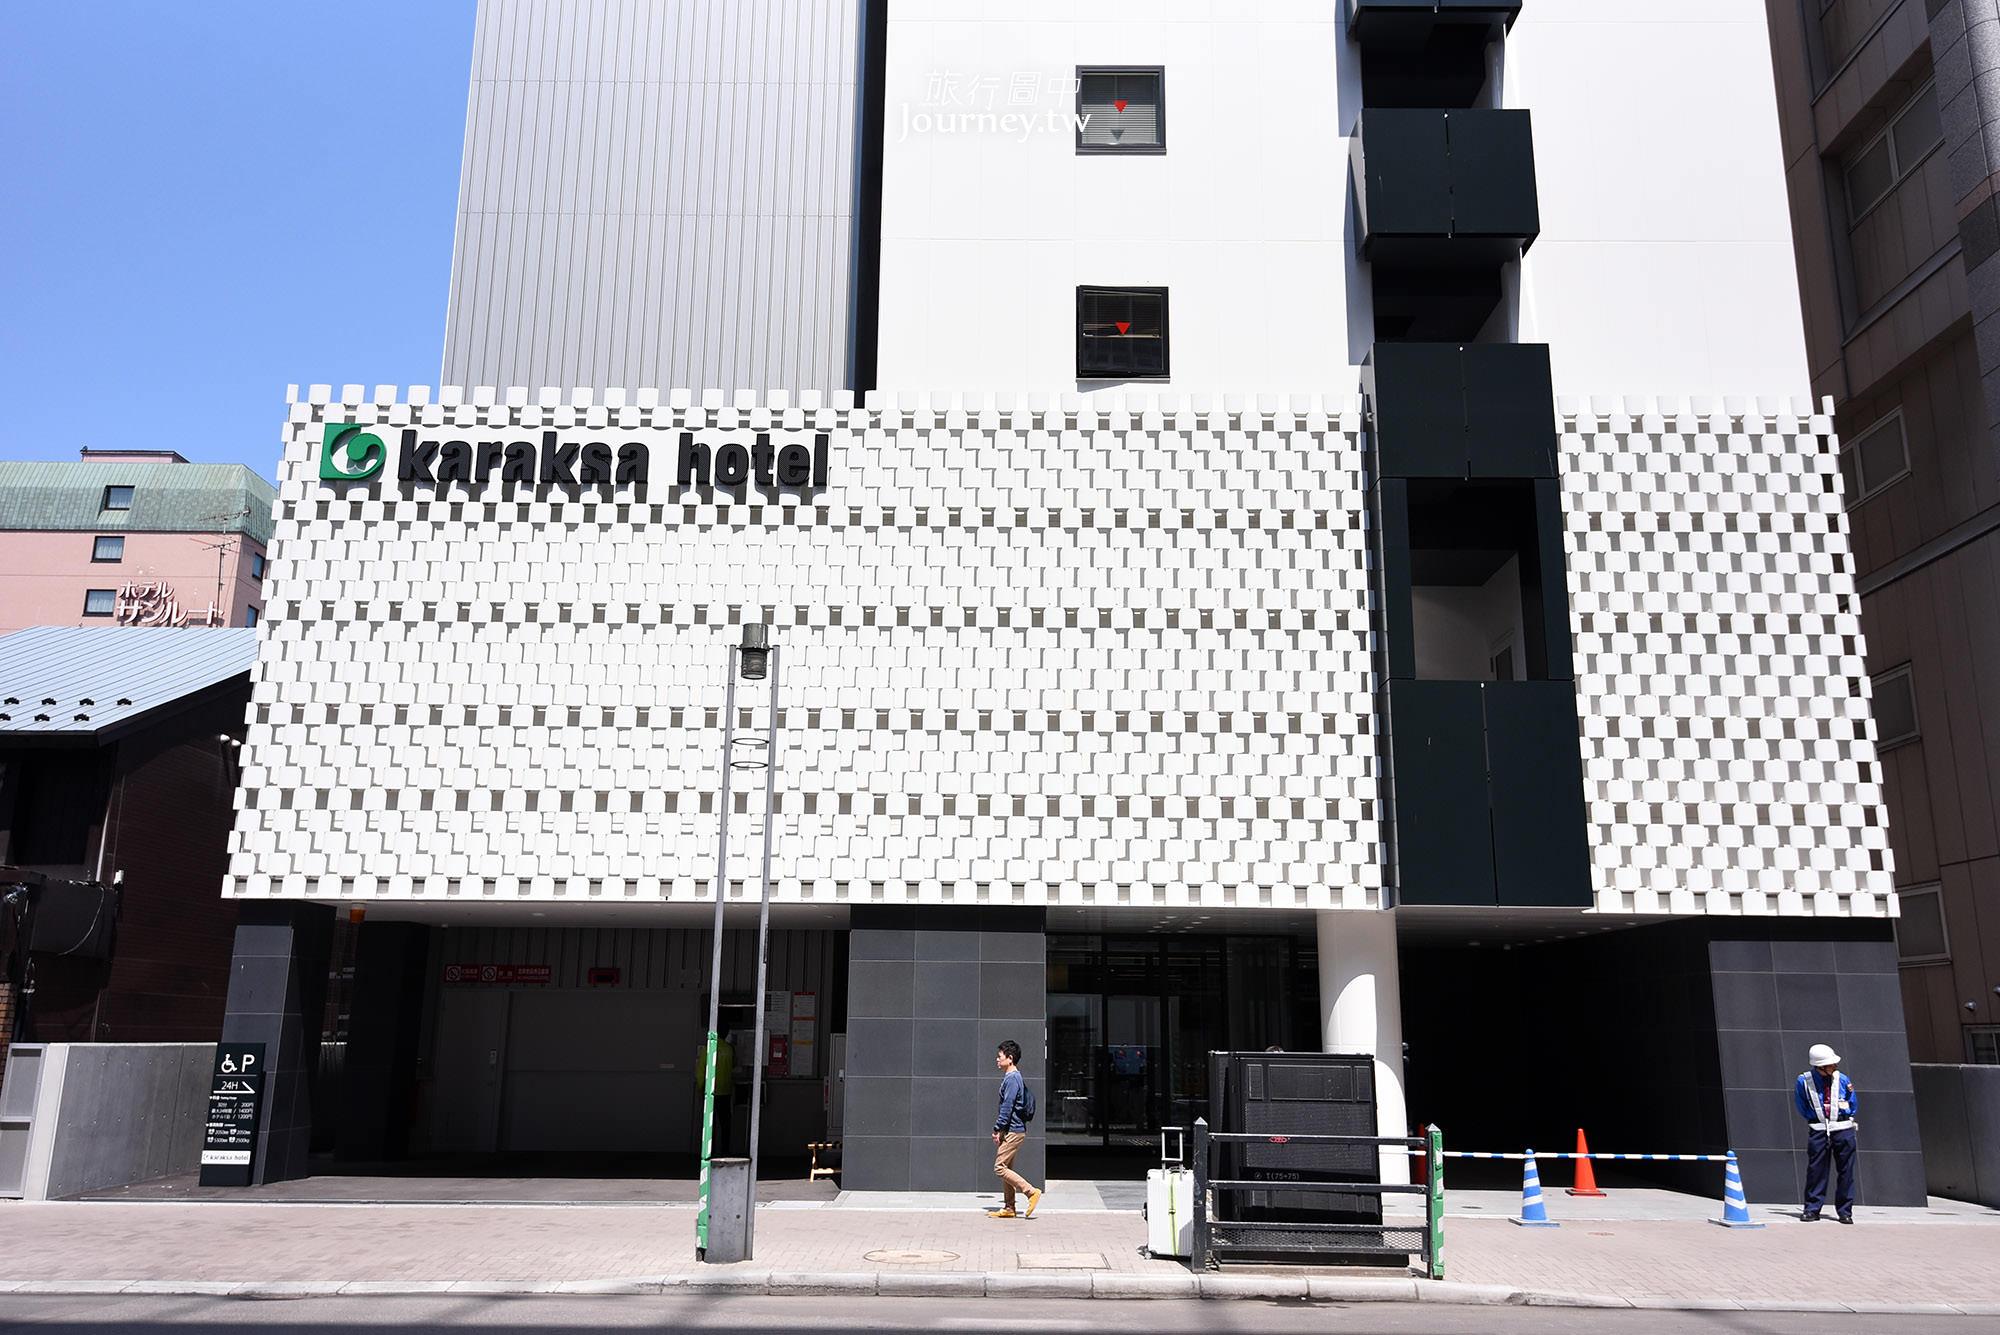 北海道,札幌住宿,貍小路,Karaksa,karaksa hotel Sapporo